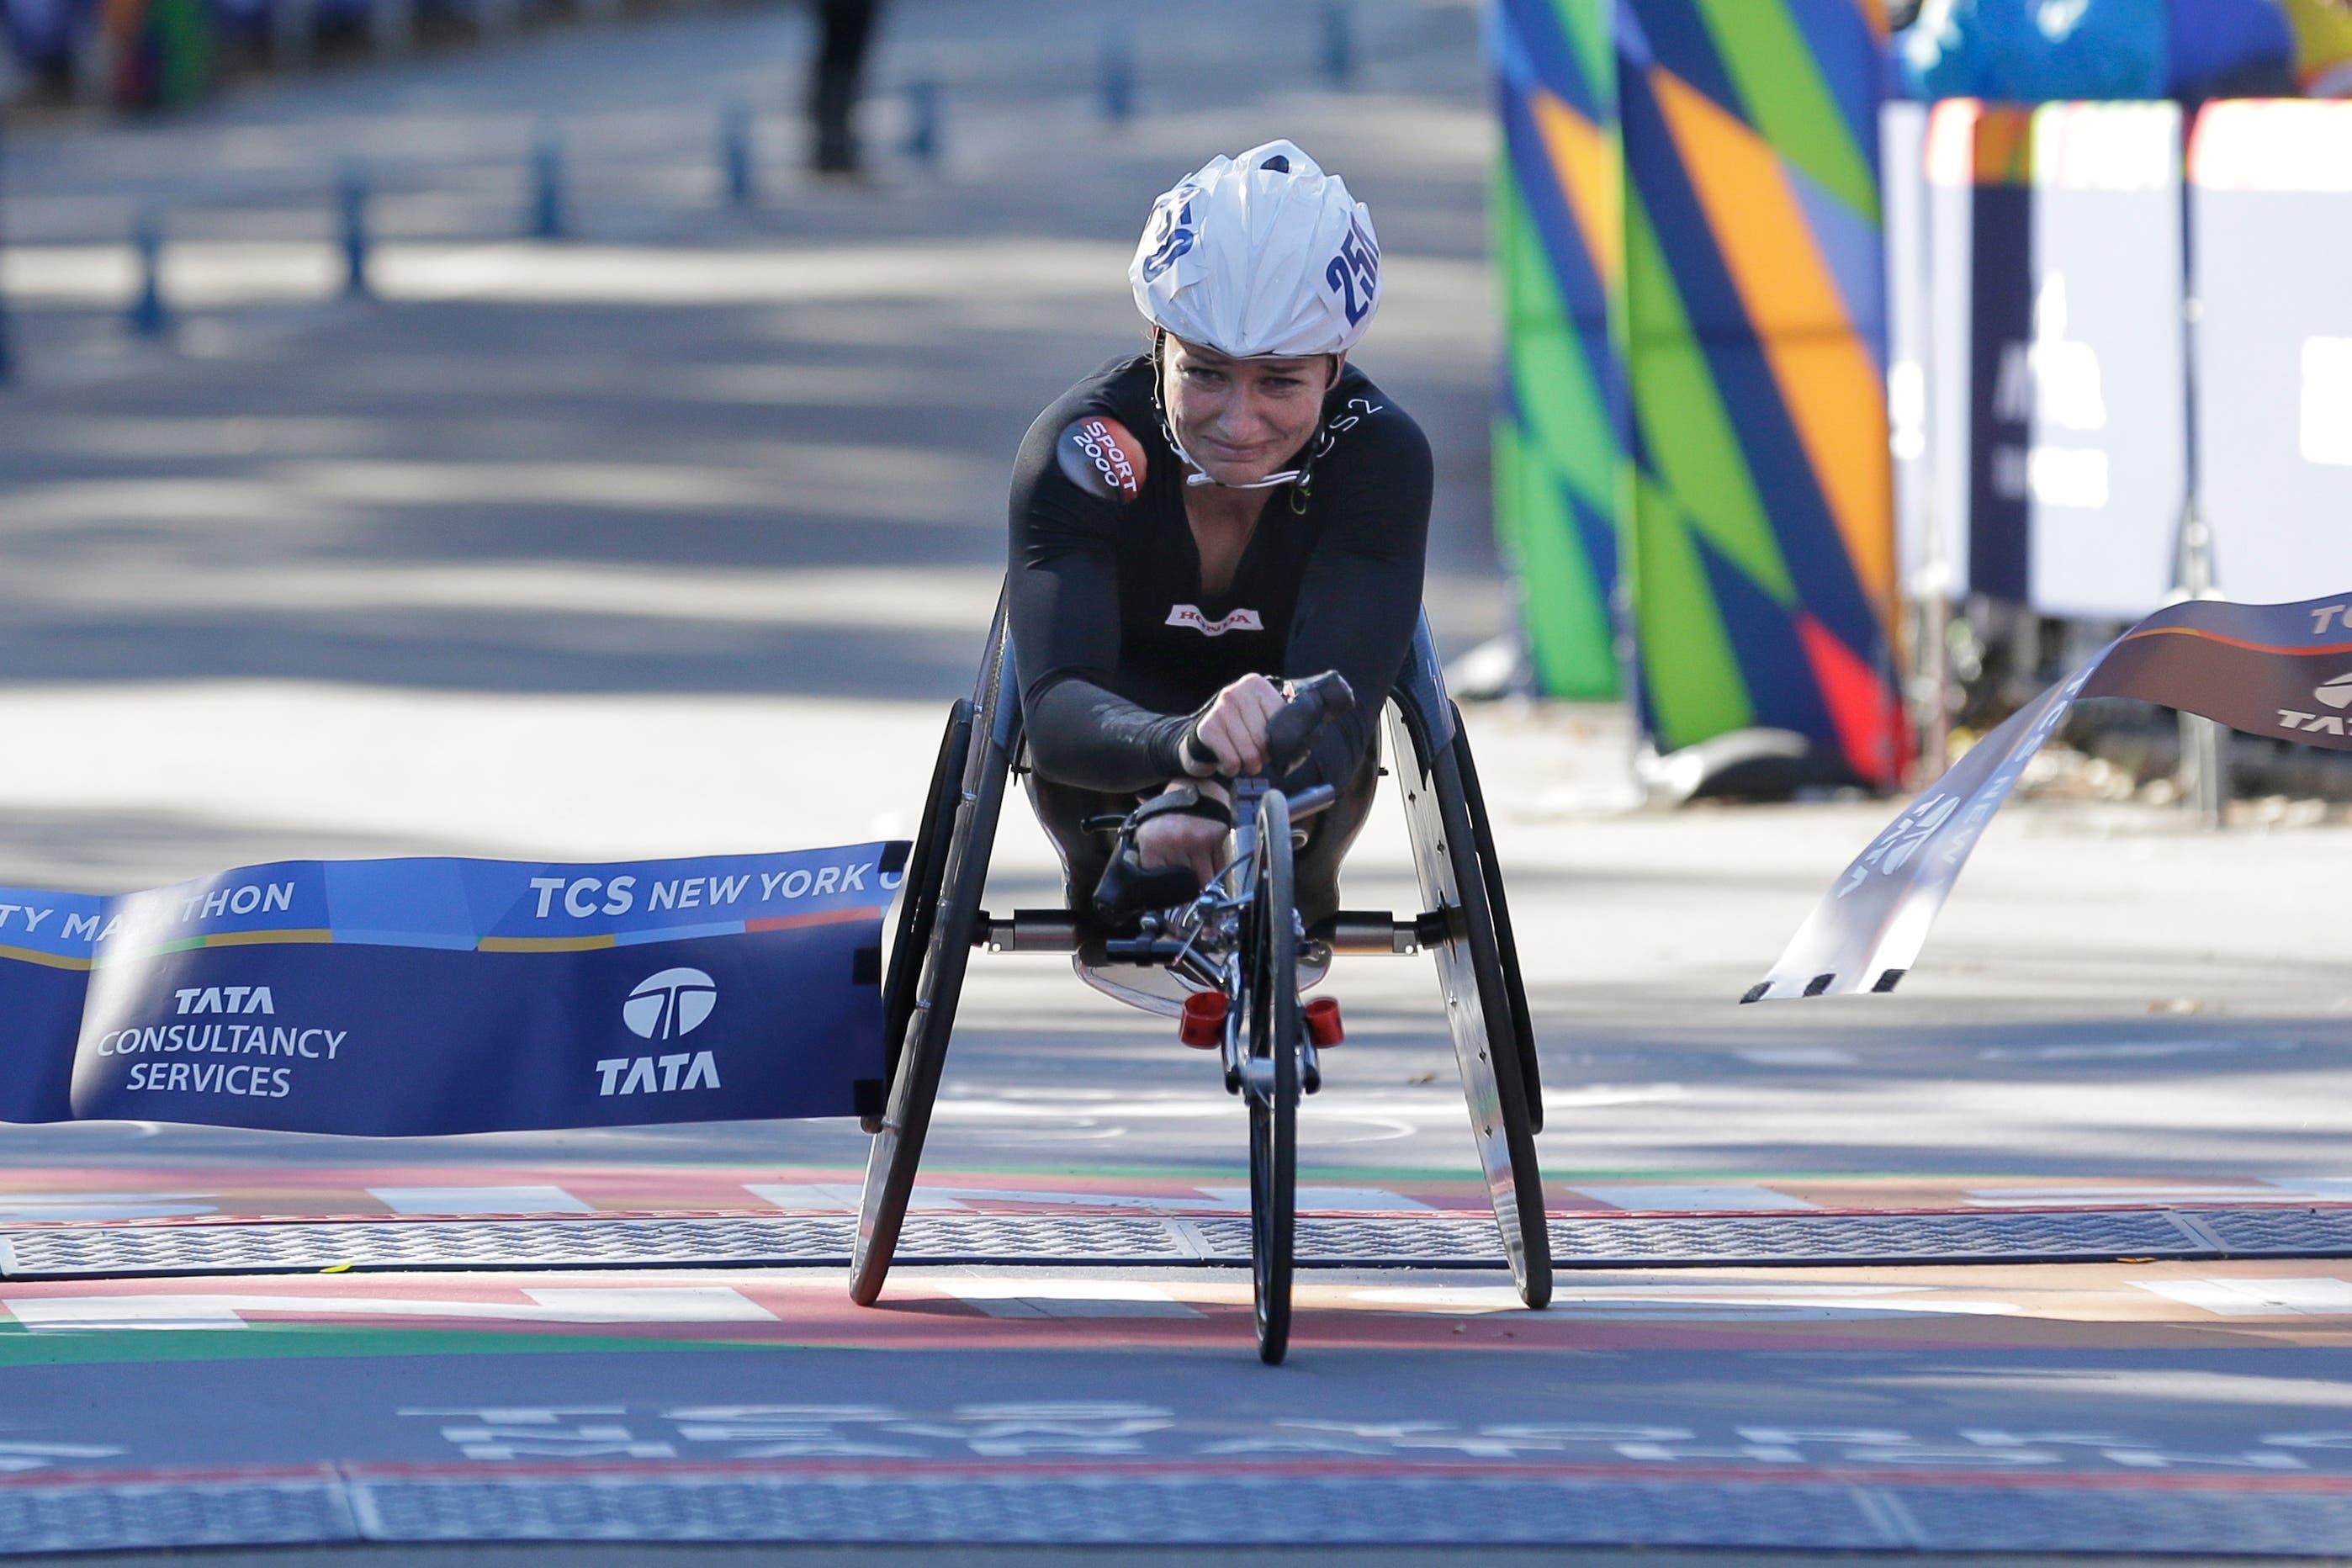 Geschafft! Manuela Schär fährt als erste Rollstuhl-Sportlerin am diesjährigen New York Marathon über die Ziellinie. (Bild: AP Photo/Seth Wenig, 4. November 2018))